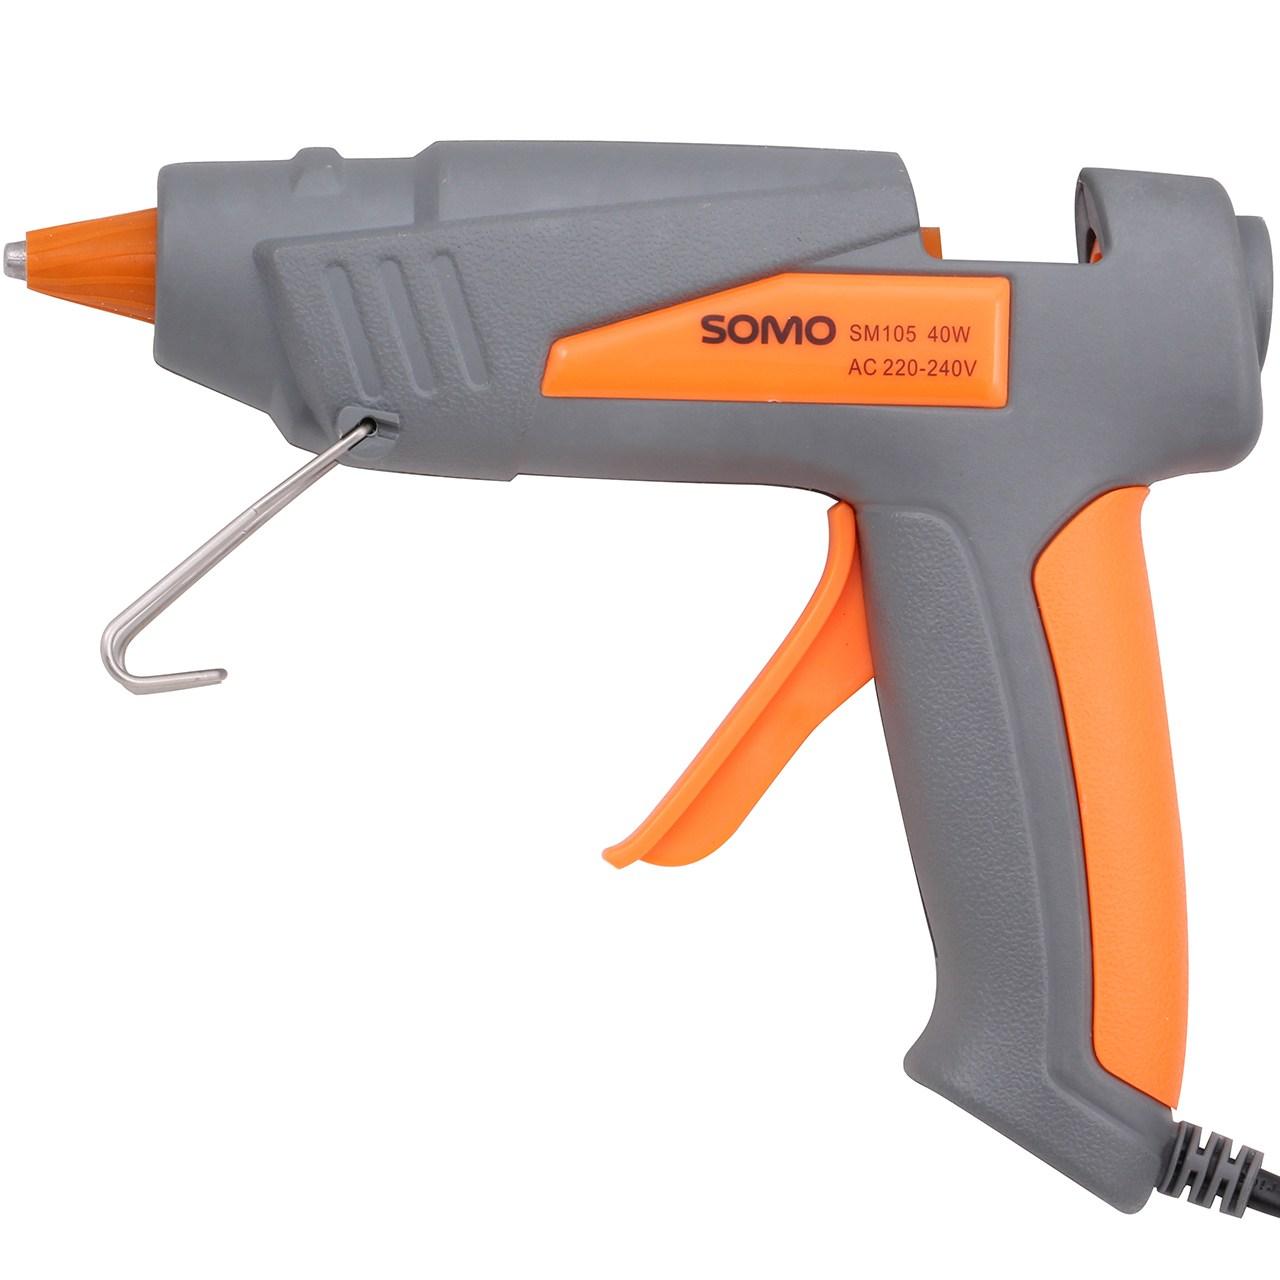 دستگاه چسب تفنگي سومو مدل SM105